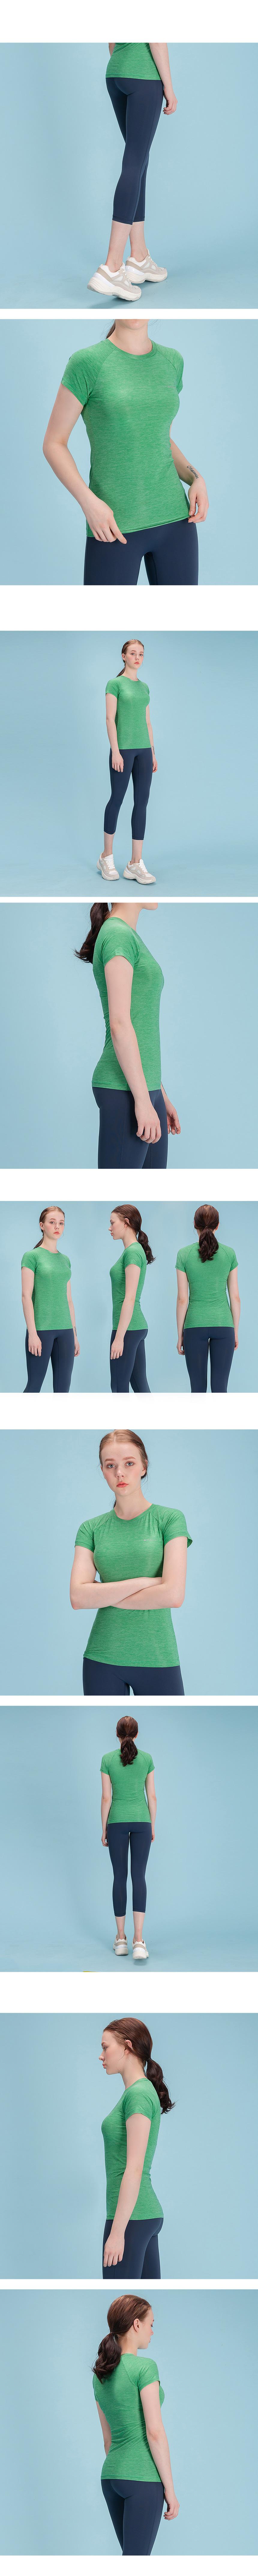 여성 스포츠 슬림핏 티셔츠 DFW5007 그린